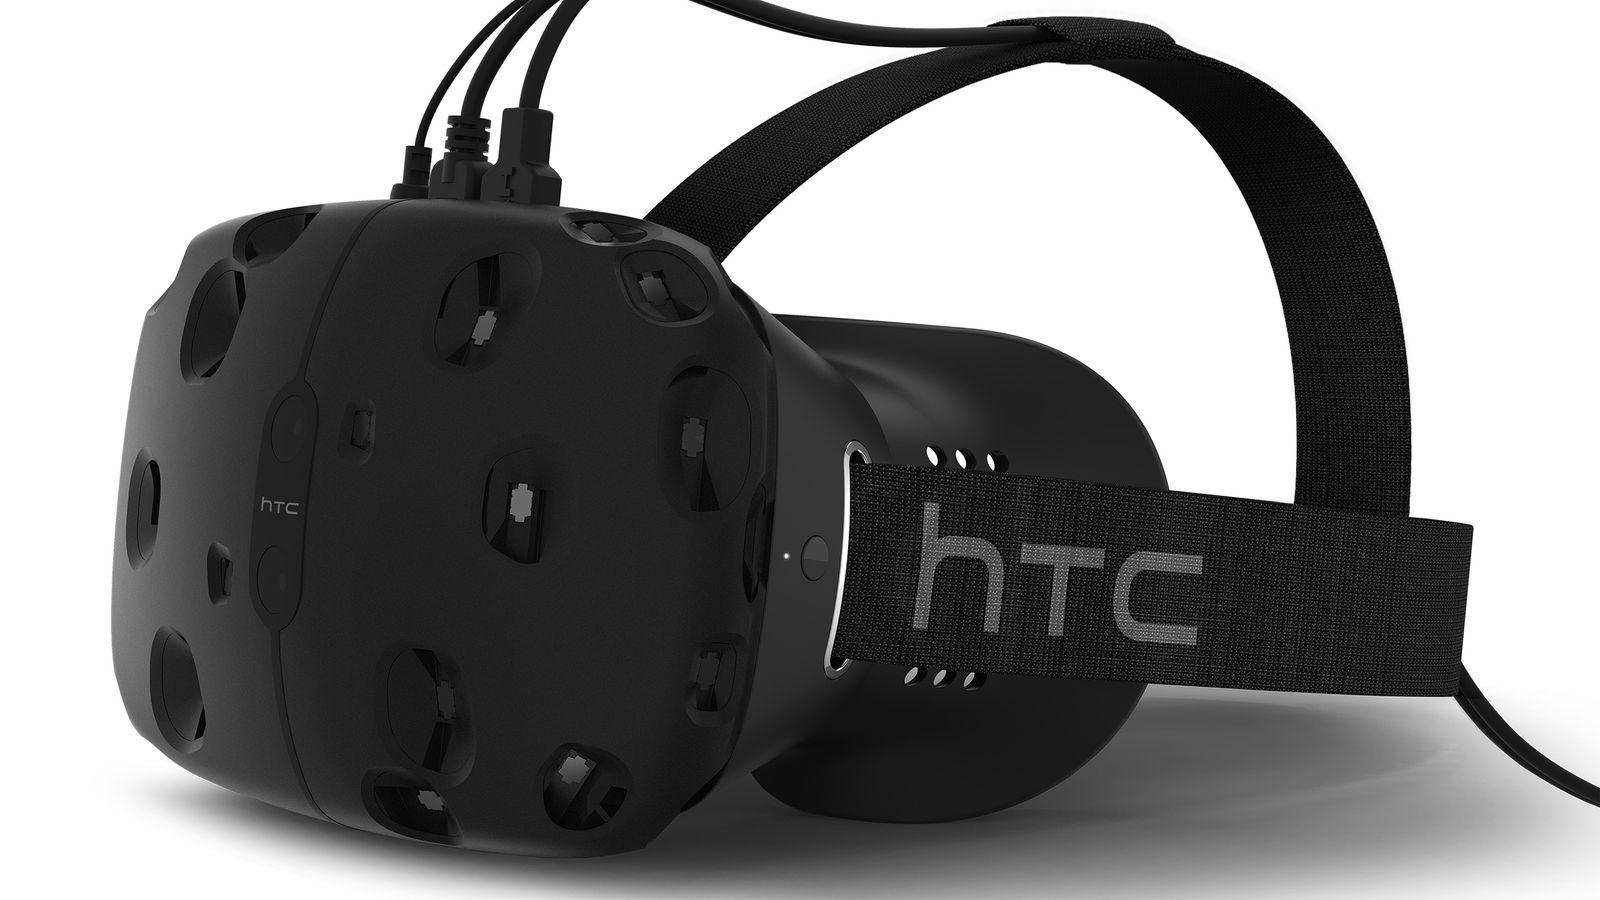 VR-hodesettet HTC Vive er utviklet i samarbeid med spillteknologiselskapet Valve, og kommer på markedet allerede i år.